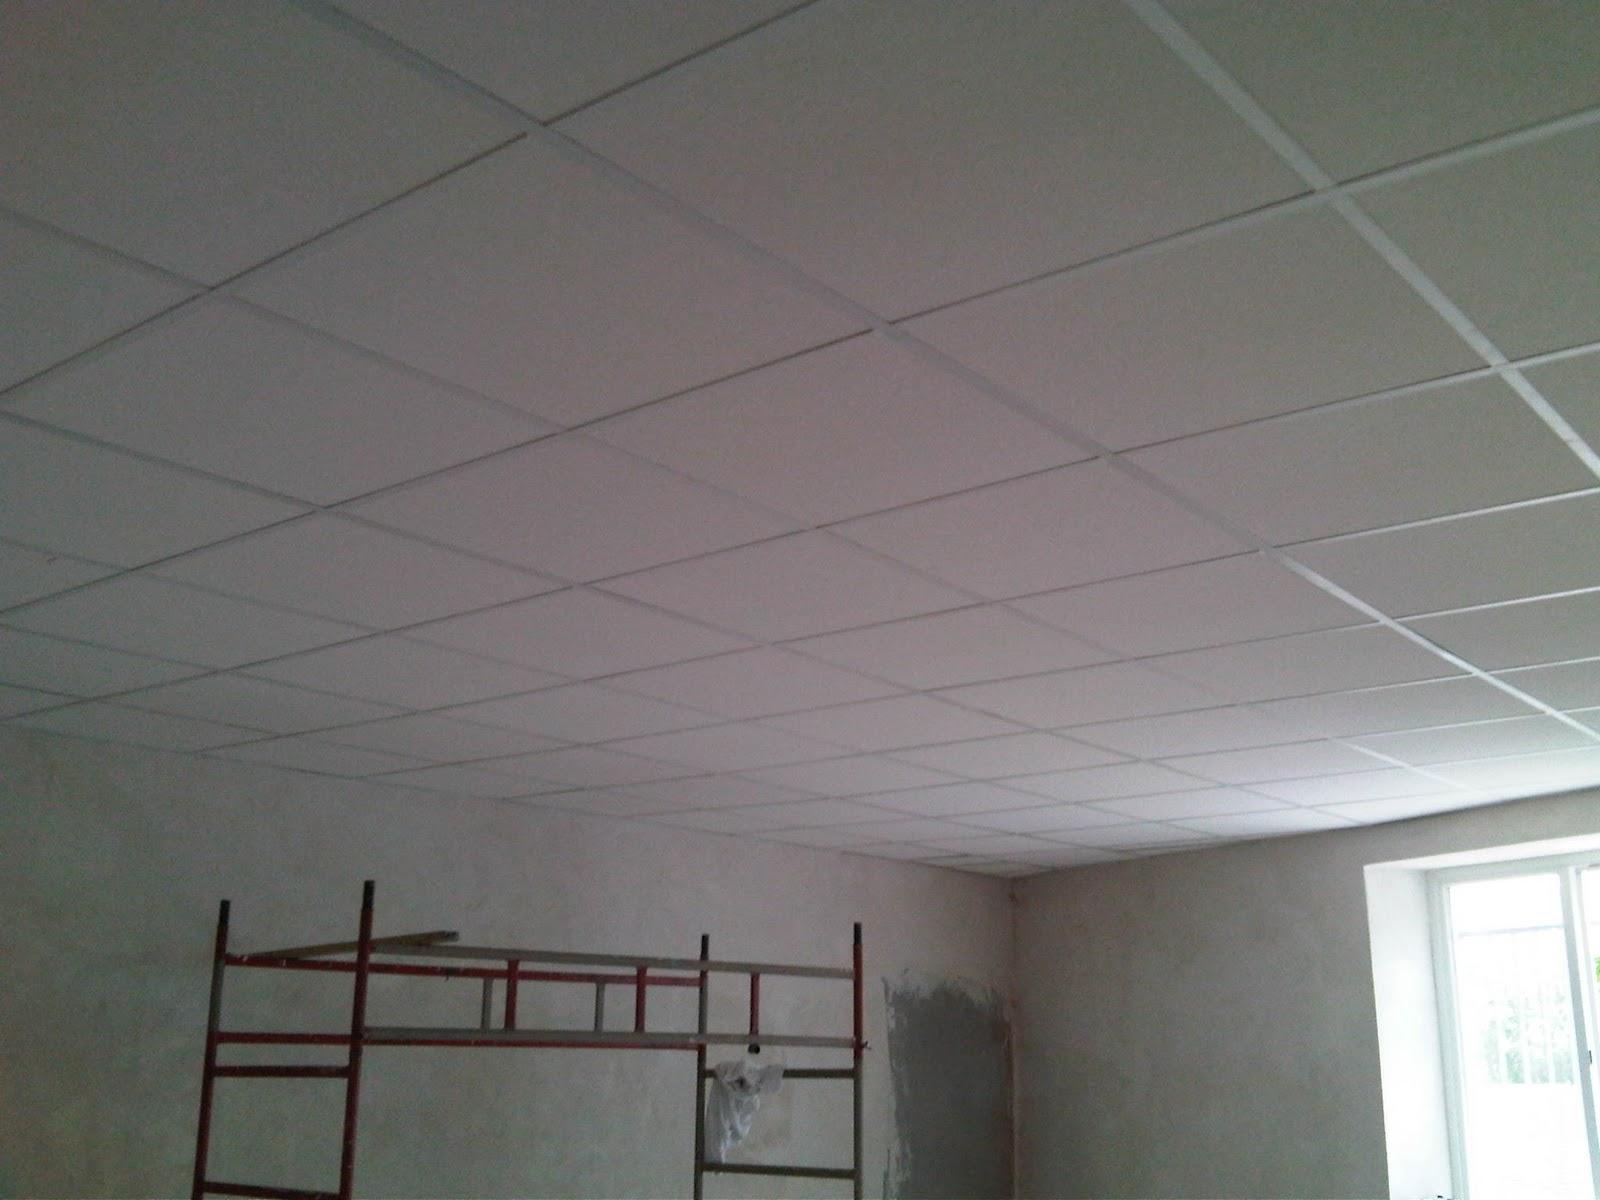 Illuminazione Per Ufficio: Illuminazione led casa: binario ...